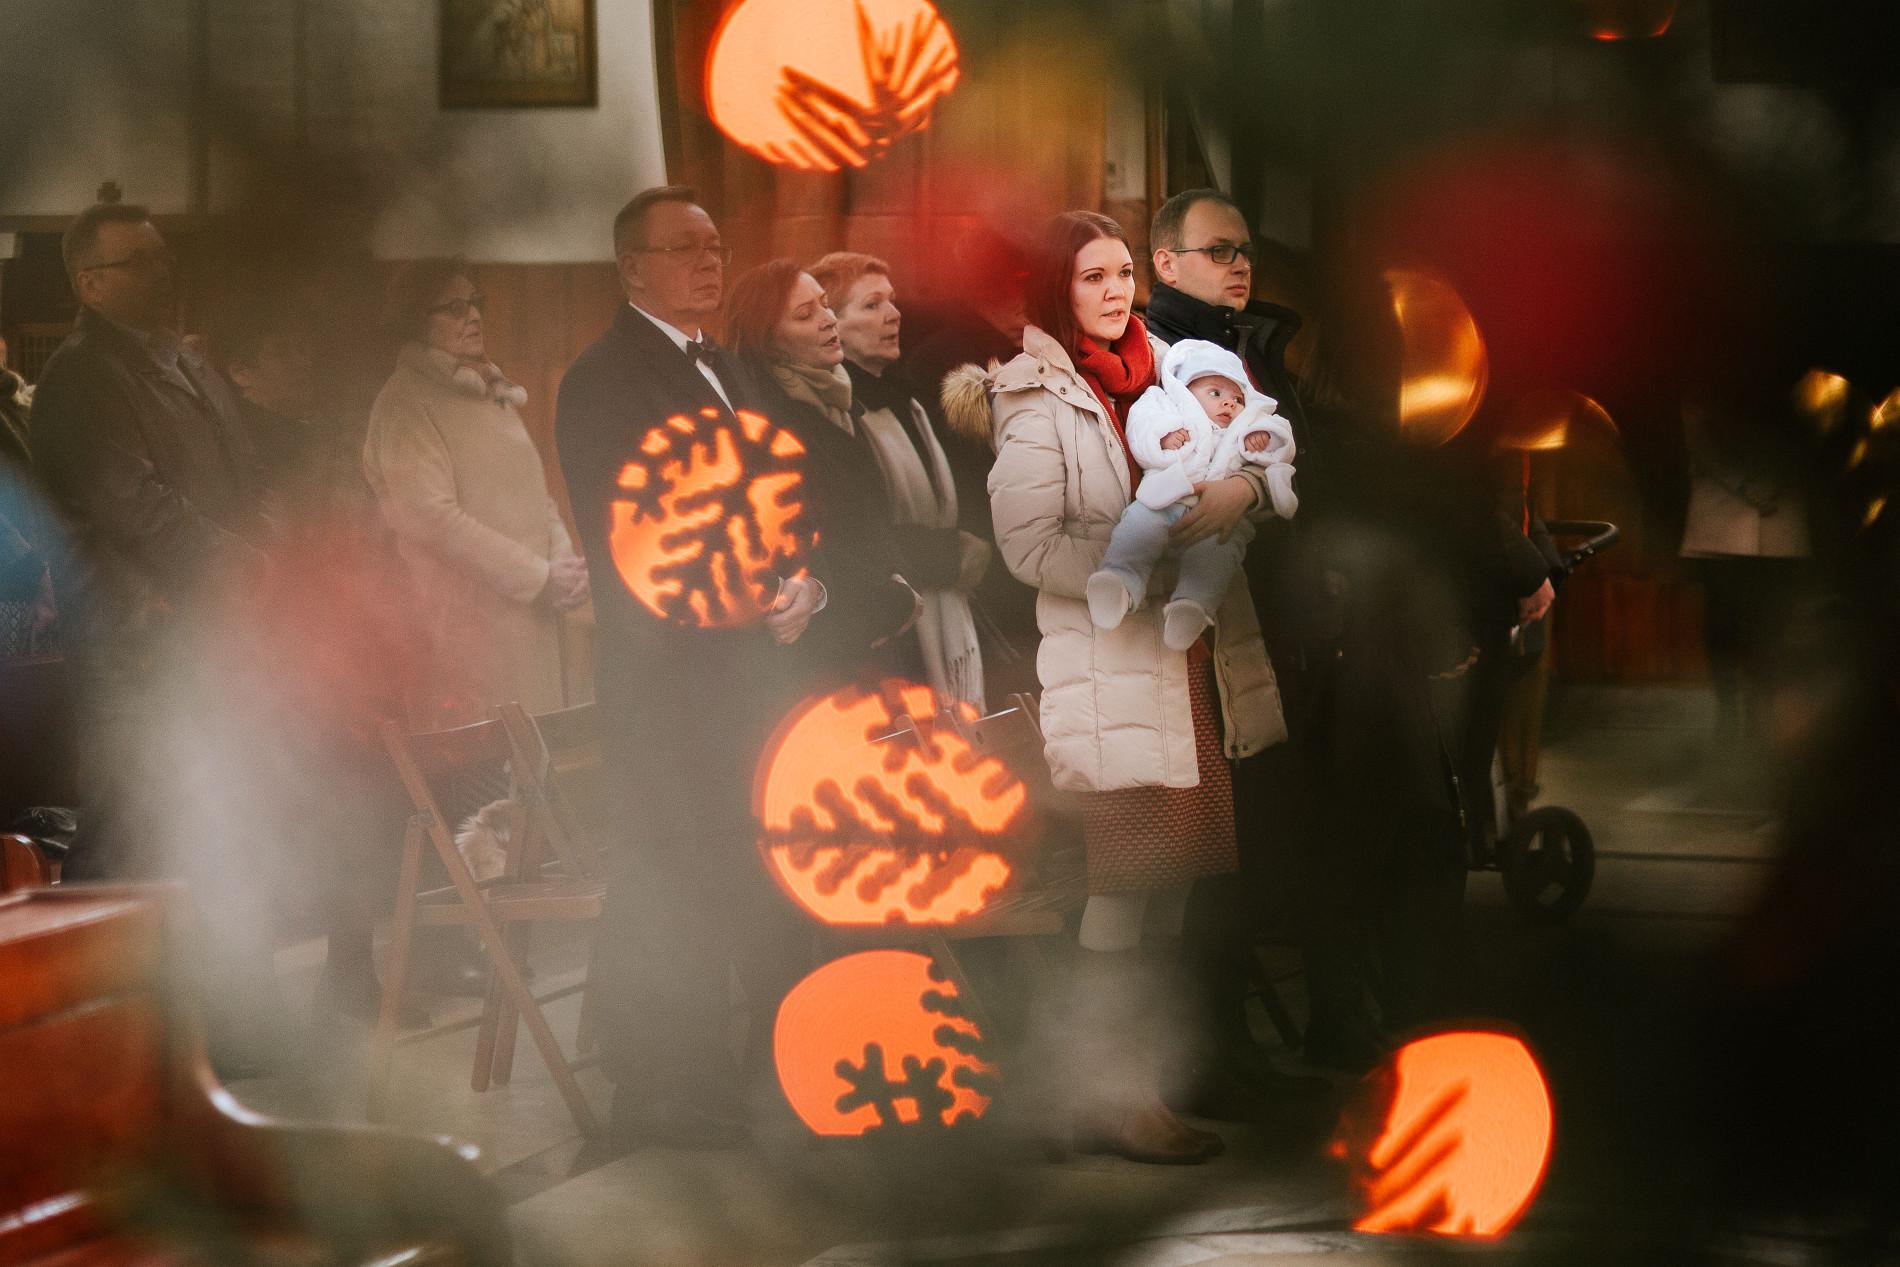 Antoś | Zdjęcia z chrzcin w Boże Narodzenie | Warszawa, Włochy